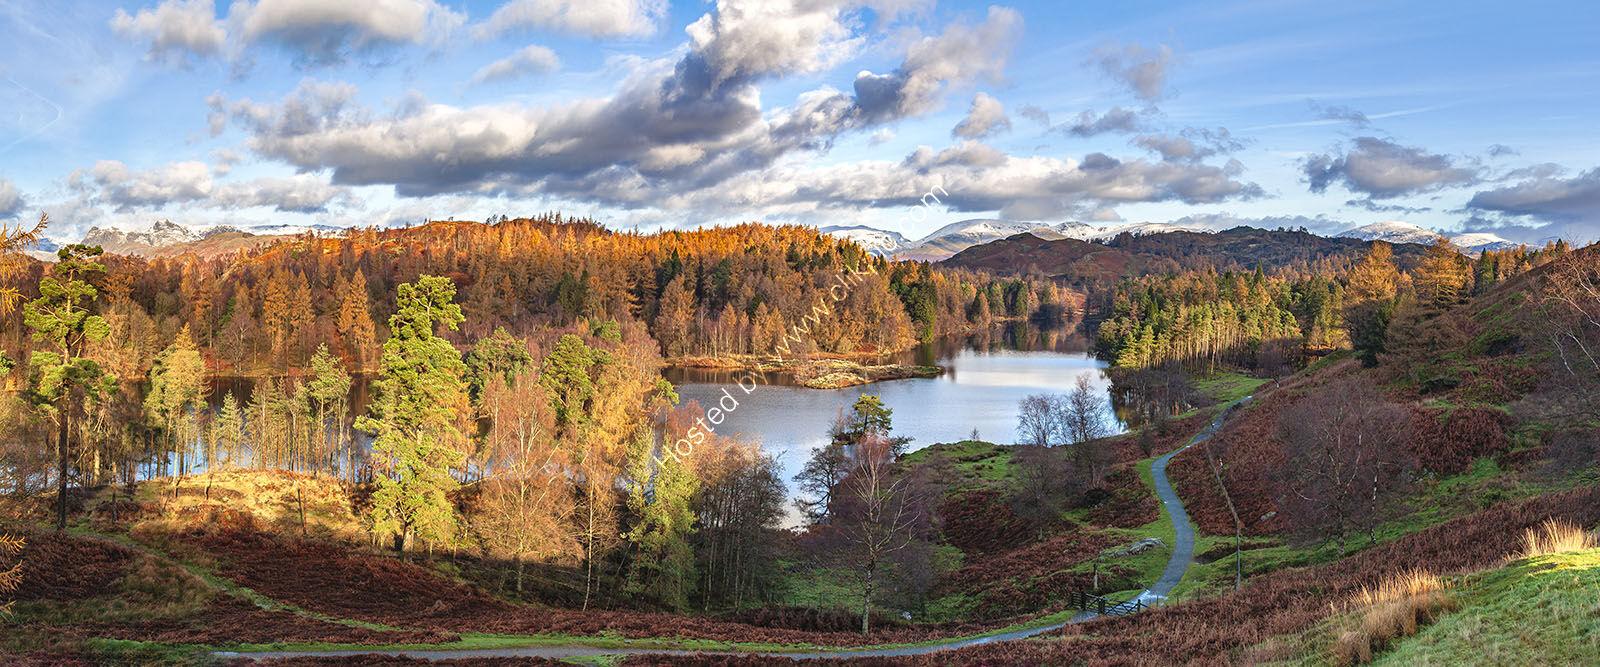 Tarn Hows in Autumn 1